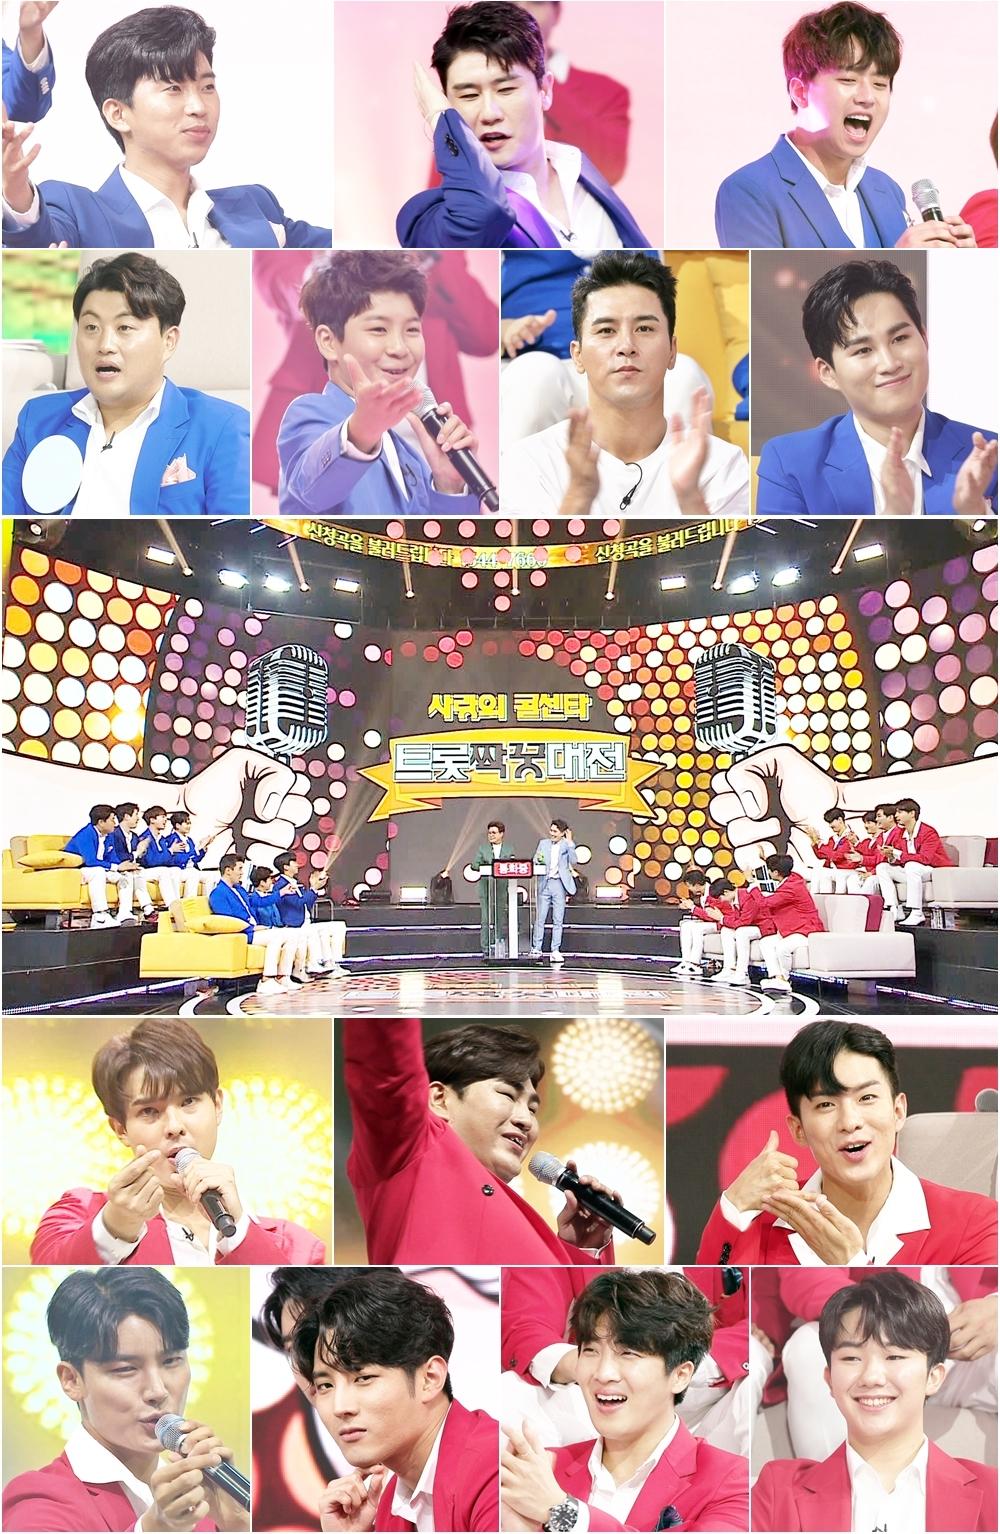 '사랑의콜센타' TOP7X콘7...미리 보는 '미스터트롯' 전국 투어 콘서트